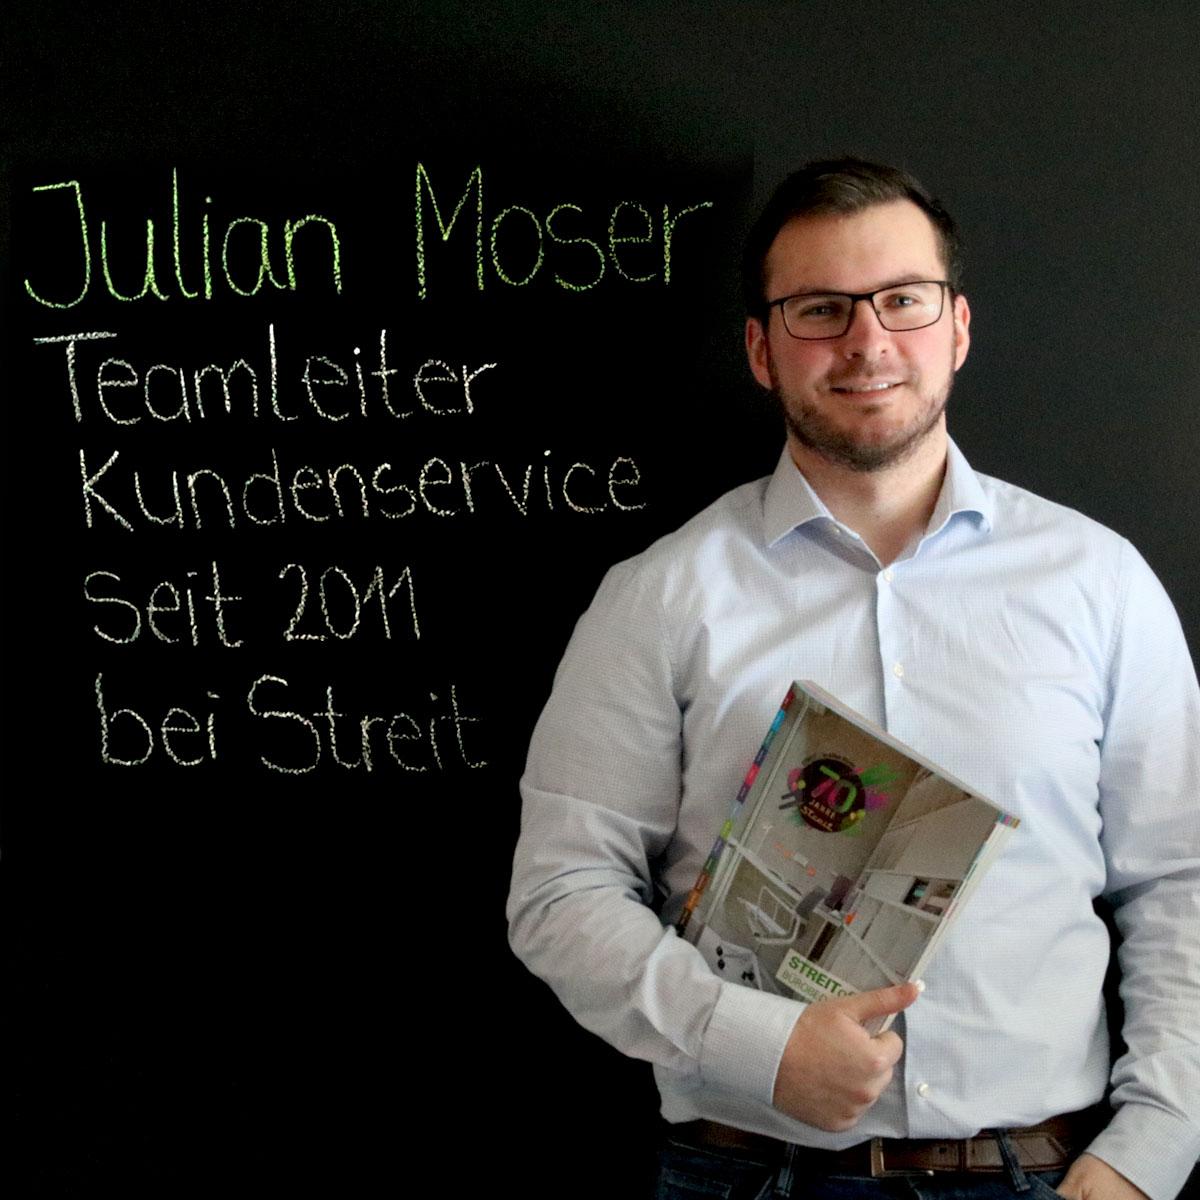 Julian Moser